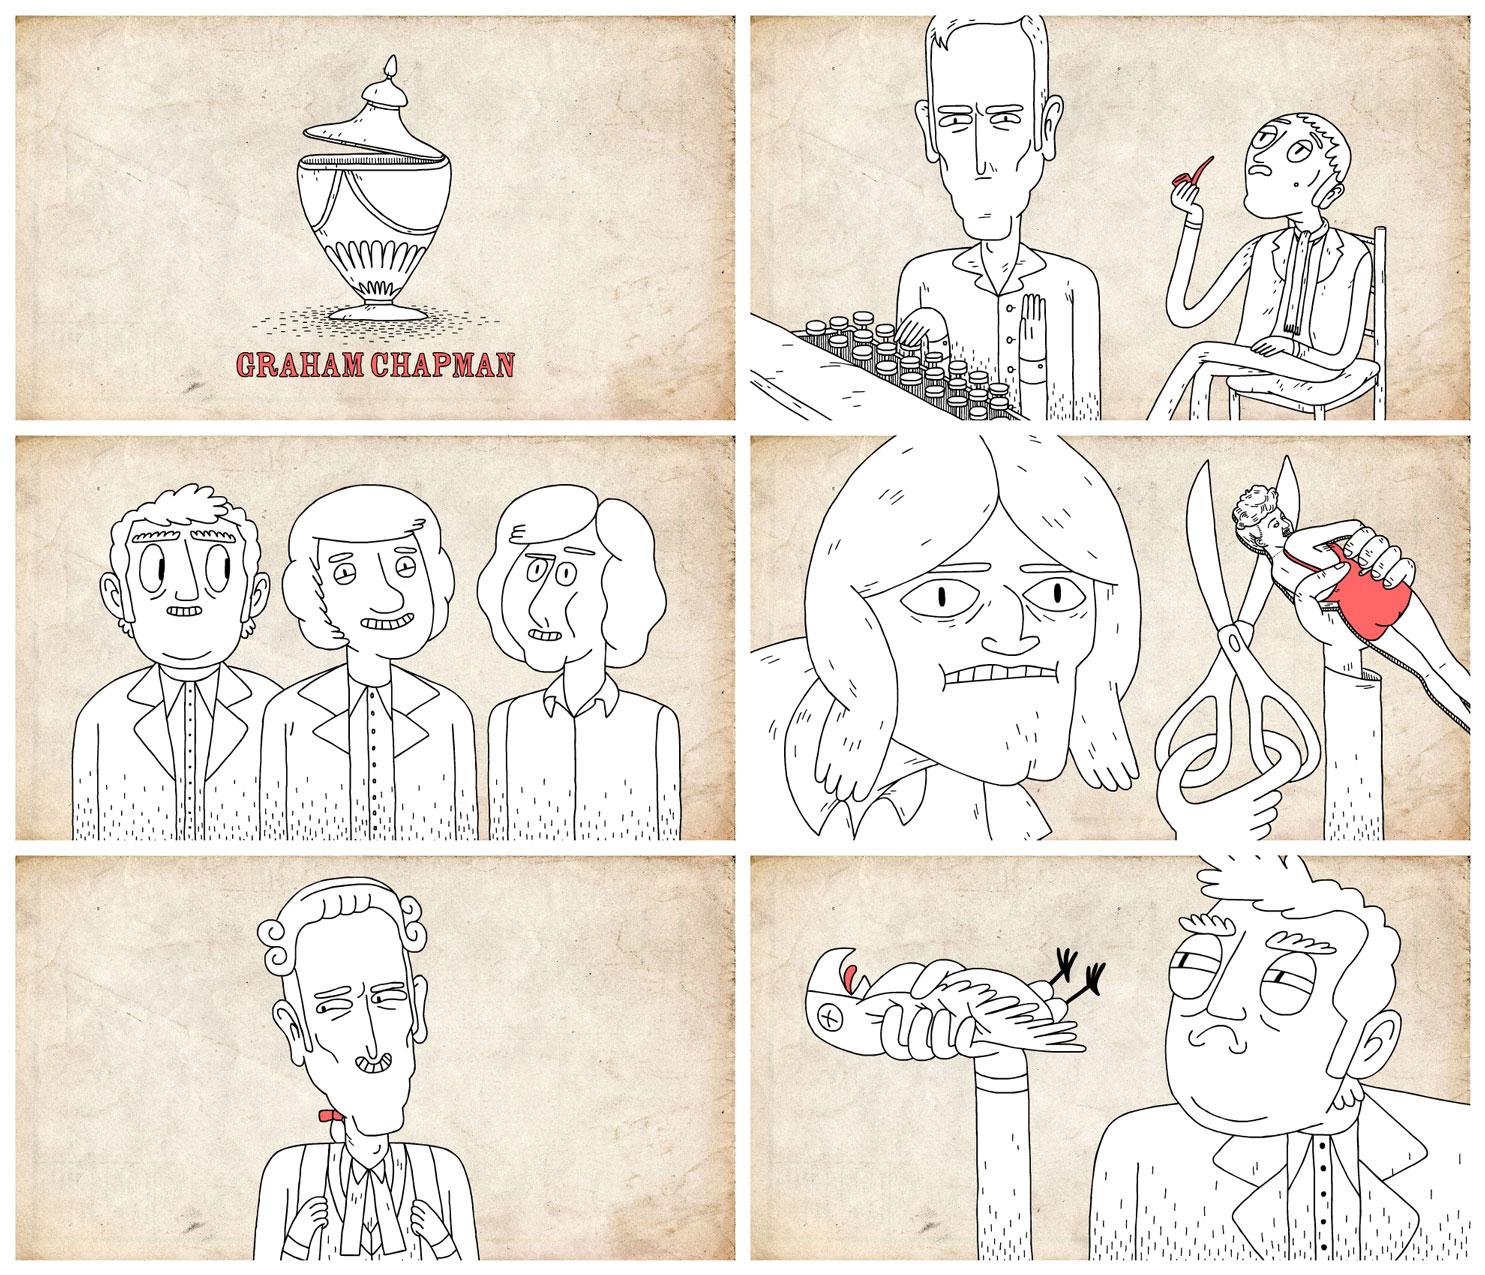 Animate Chapman